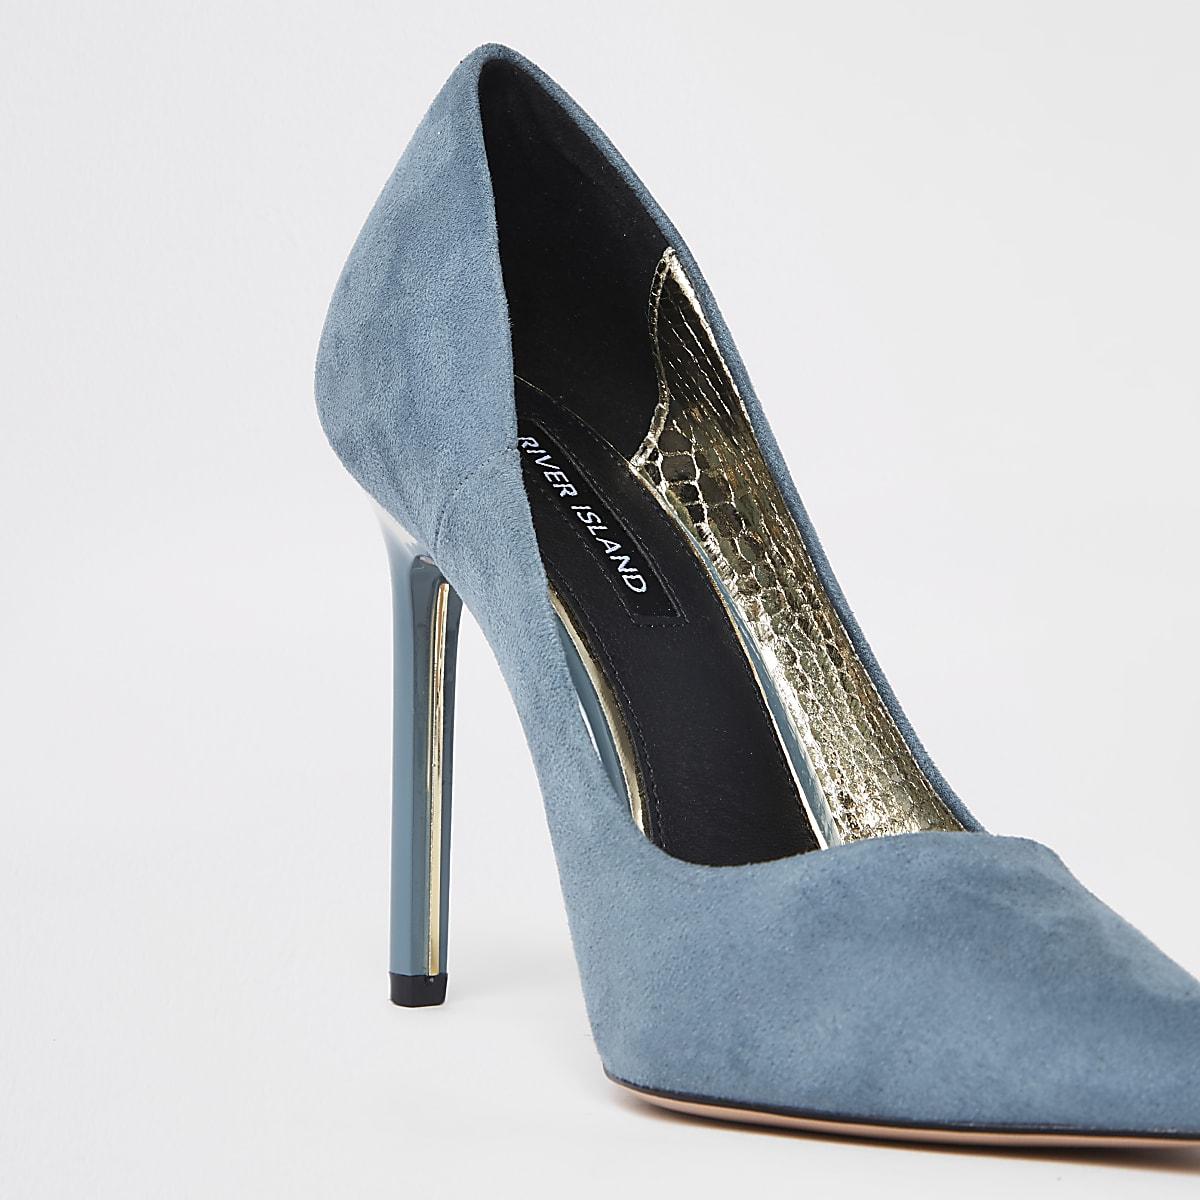 2abe522259ff45 Startseite · Damen · Schuhe und Stiefel  Blaue Pumps aus Wildlederimitat. Blaue  Pumps aus Wildlederimitat ...